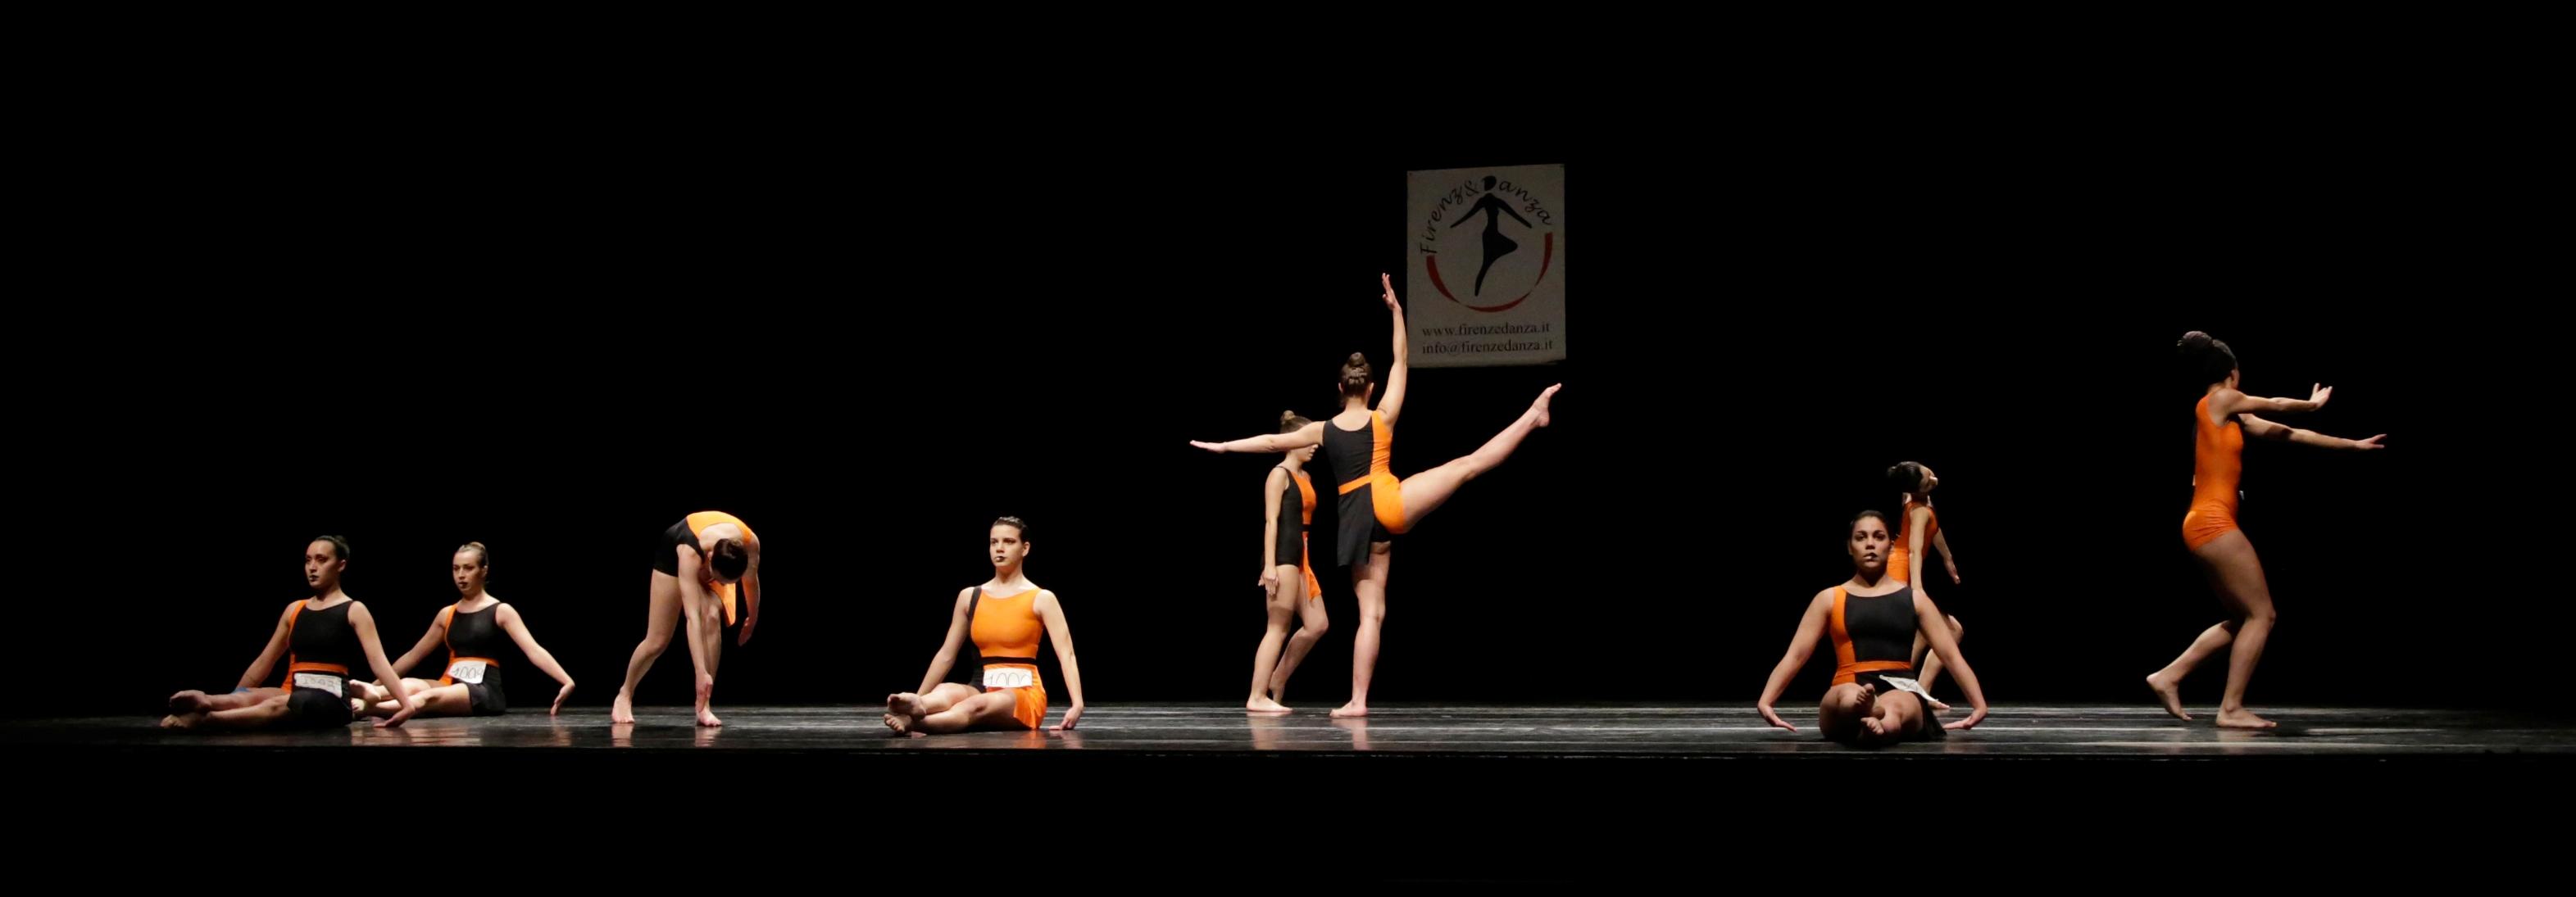 Dopo i successi del 2015, il 1 Settembre Kineses Centro Studi Danza e Movimento riapre con tante novità! Open day 12 e 19 Settembre, lezioni di prova gratuite per tutte le discipline.